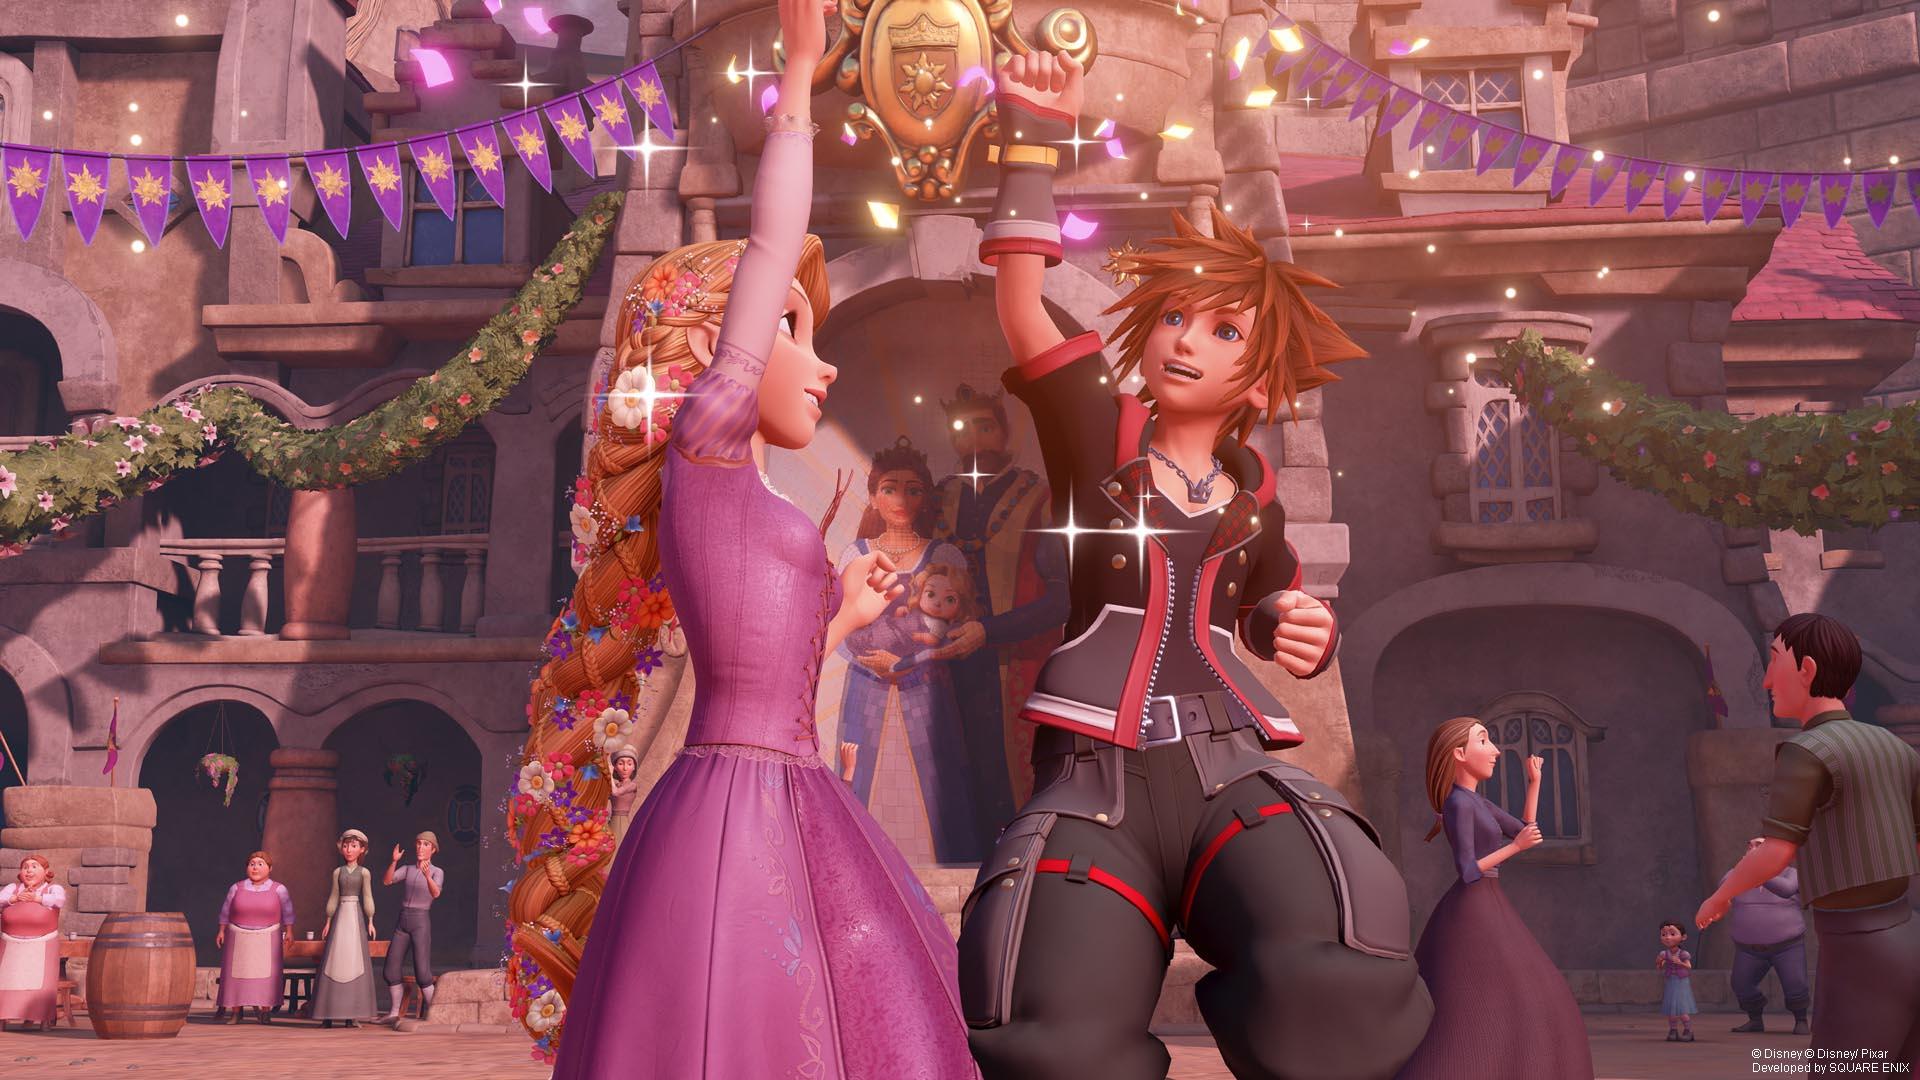 Dancing with Rapunzel